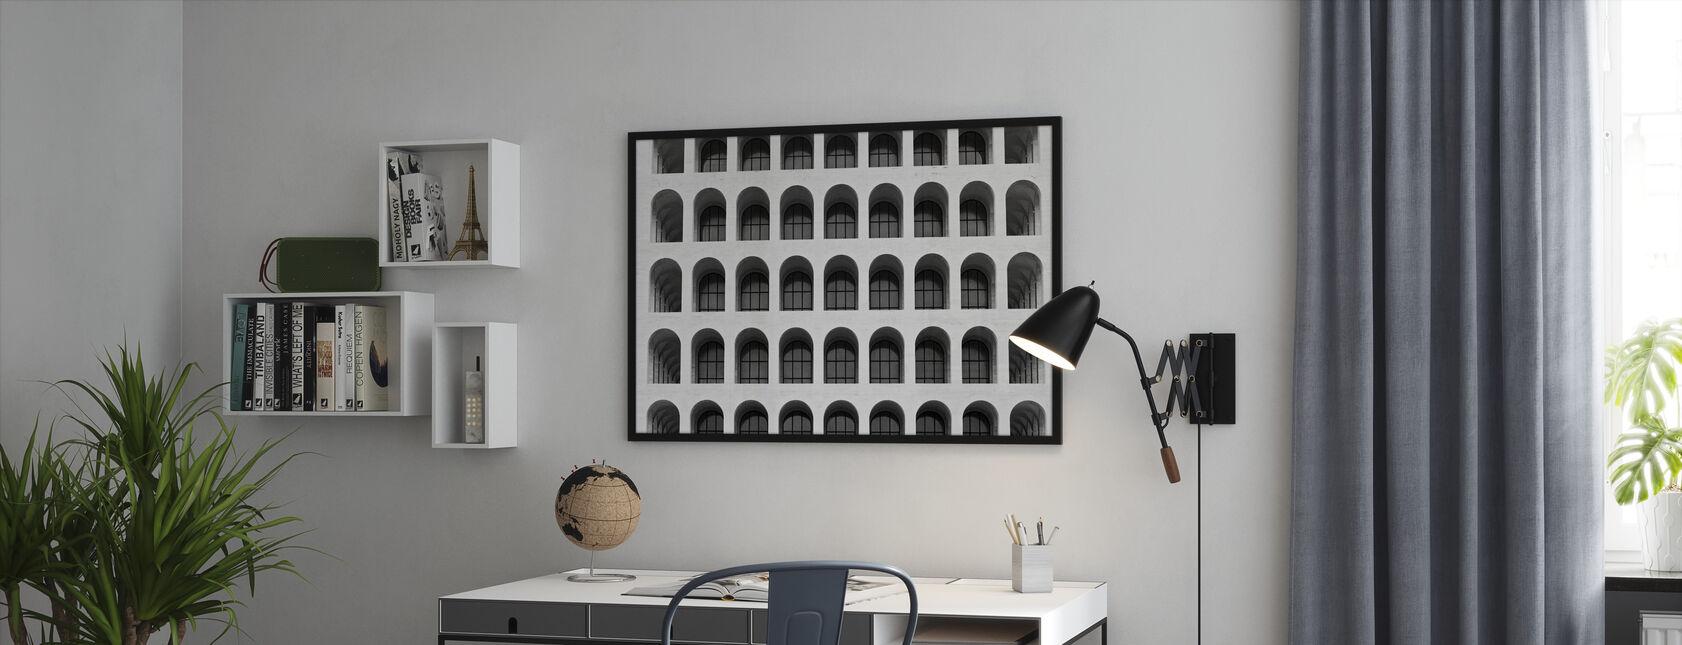 Colosseum-vinduer - Innrammet bilde - Kontor